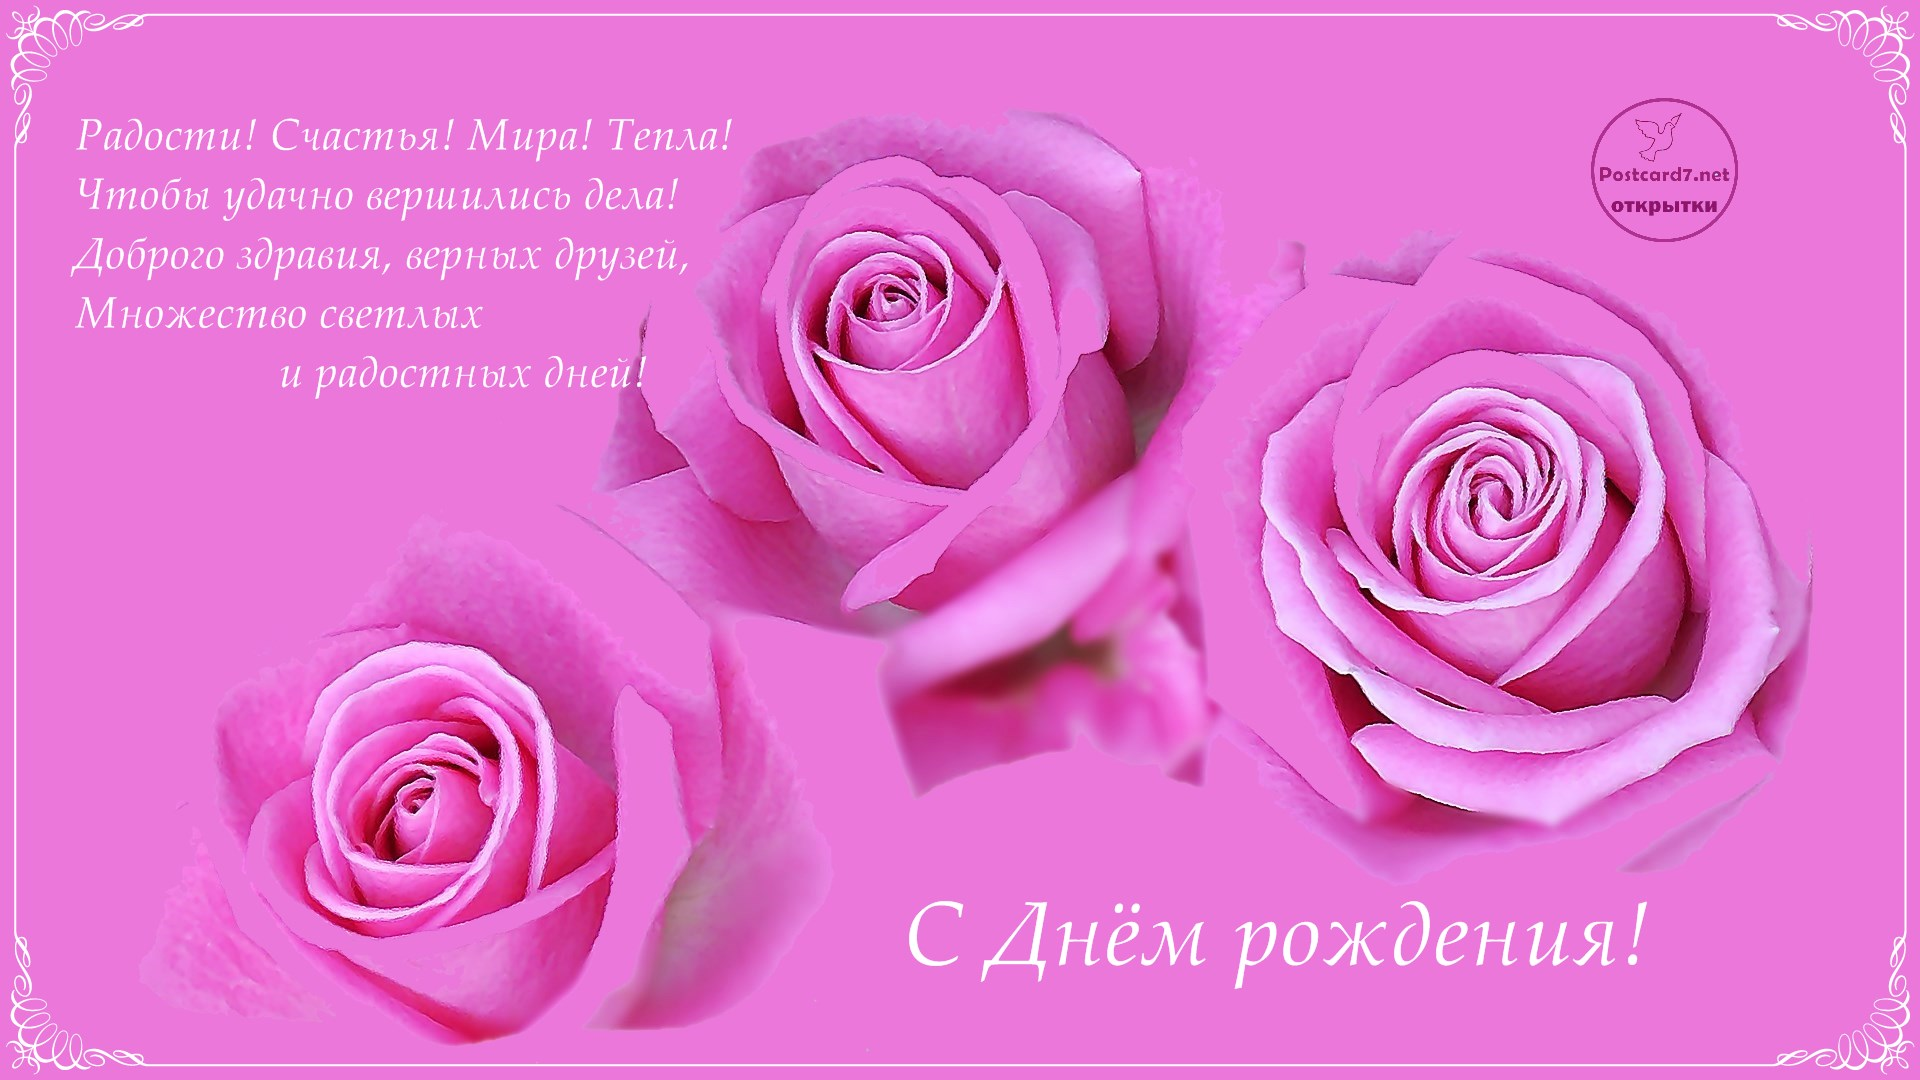 Поздравления по имени с днем рождения роза картинки